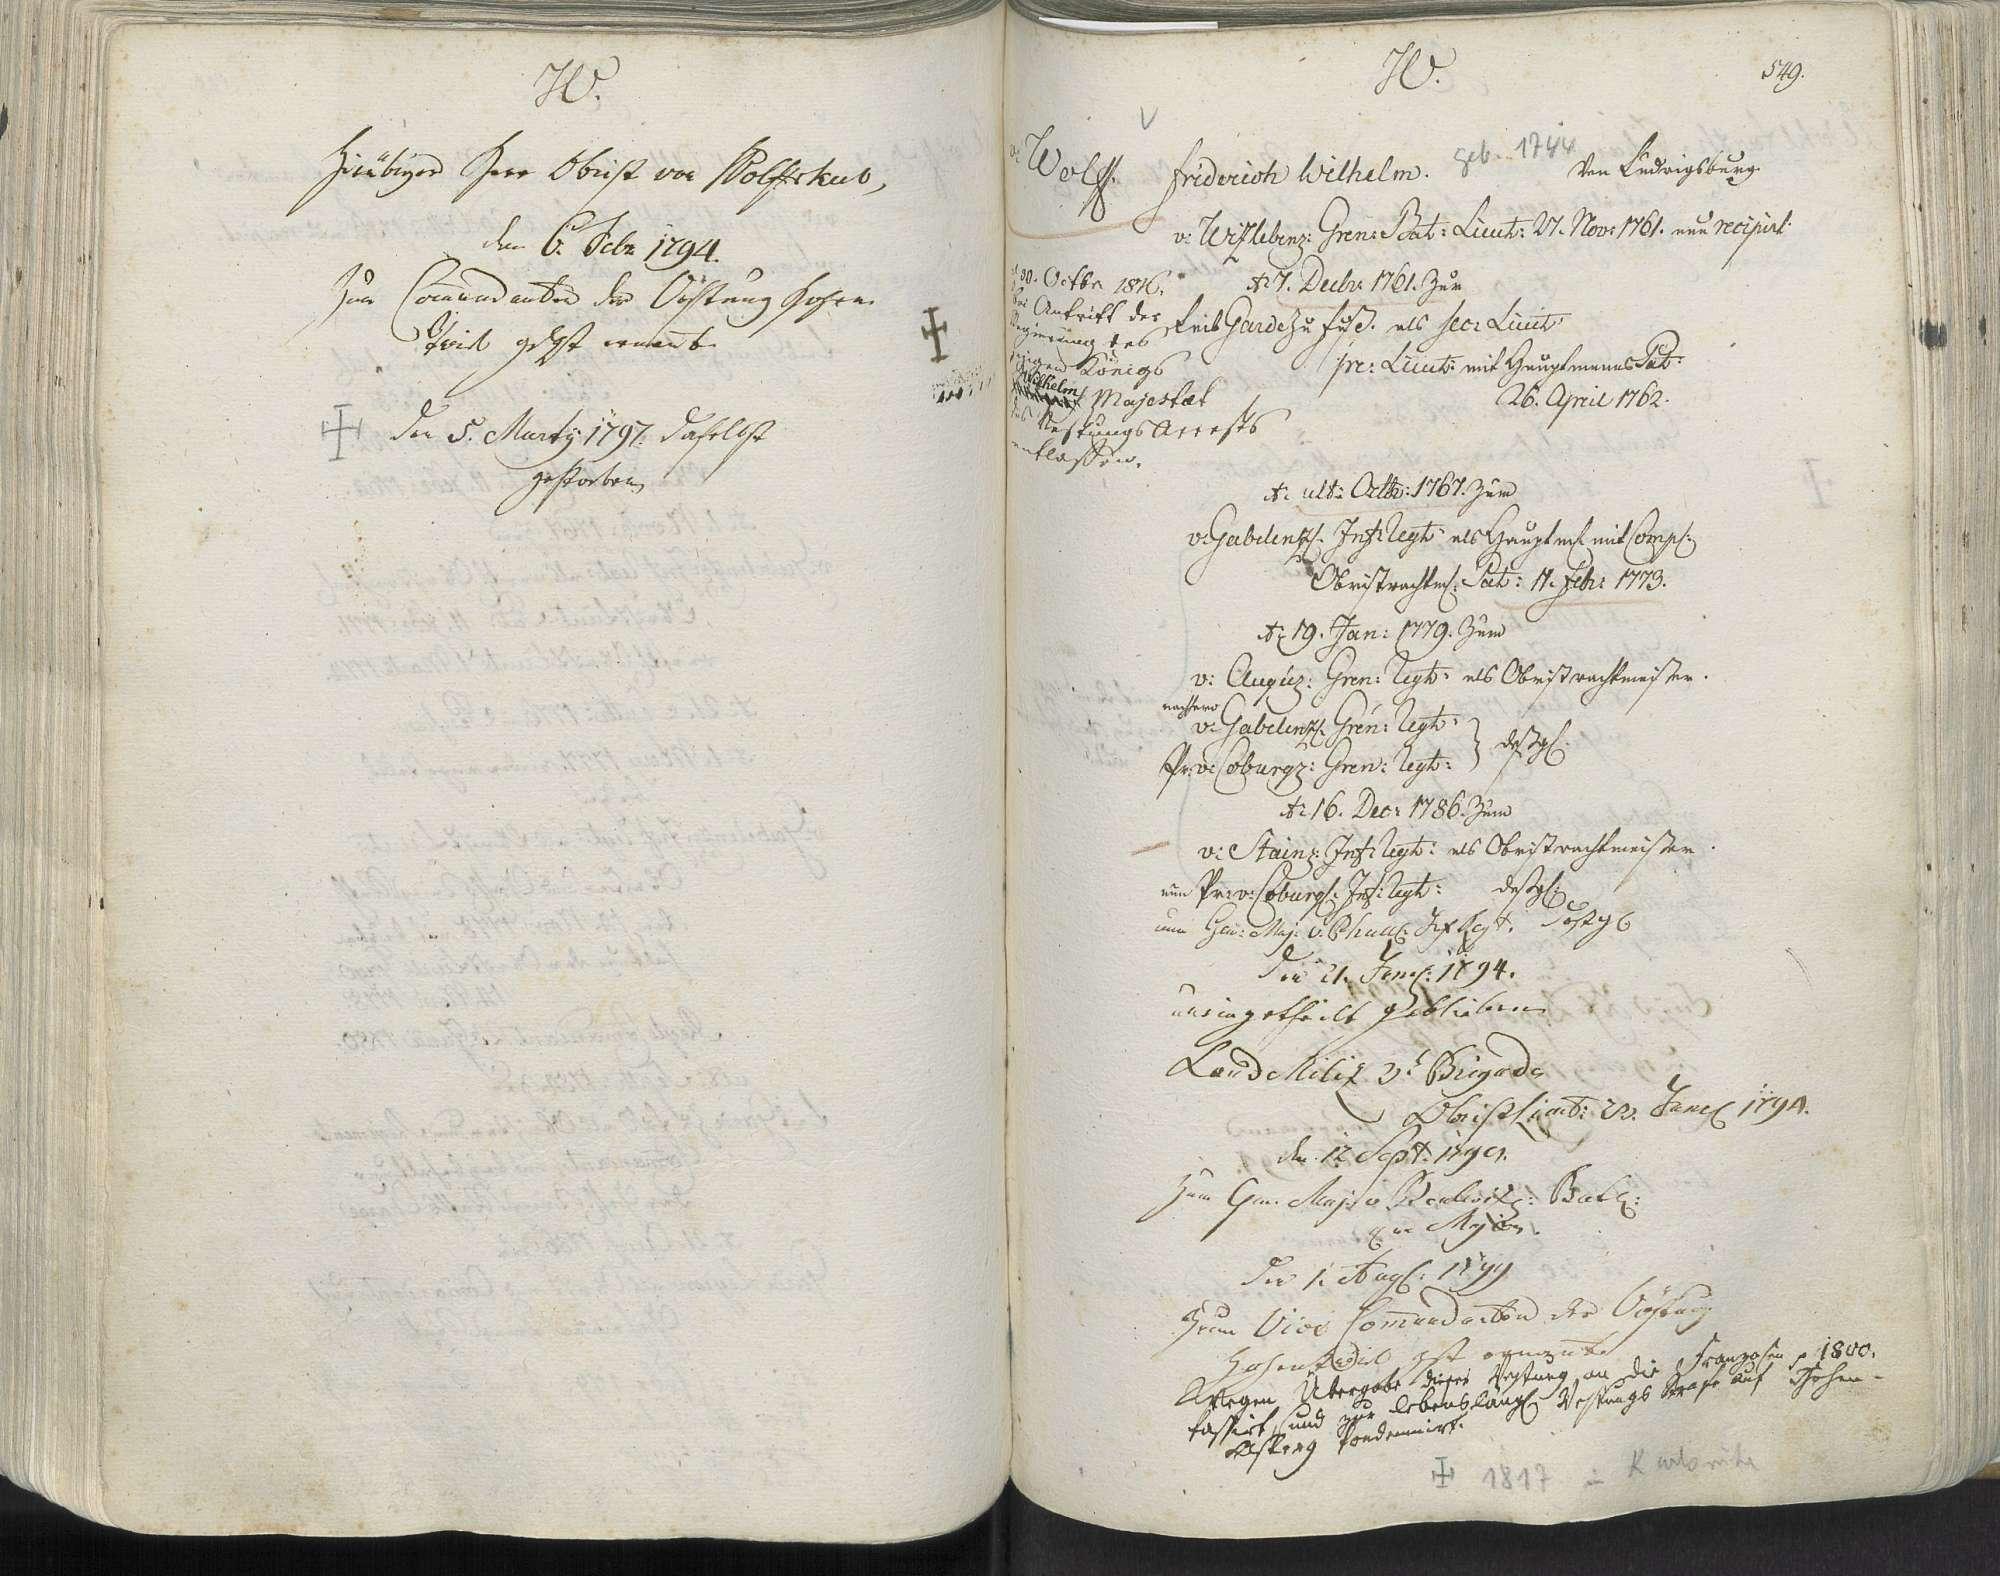 Wolffskeel, Johann Carl Albrecht von, Bild 2